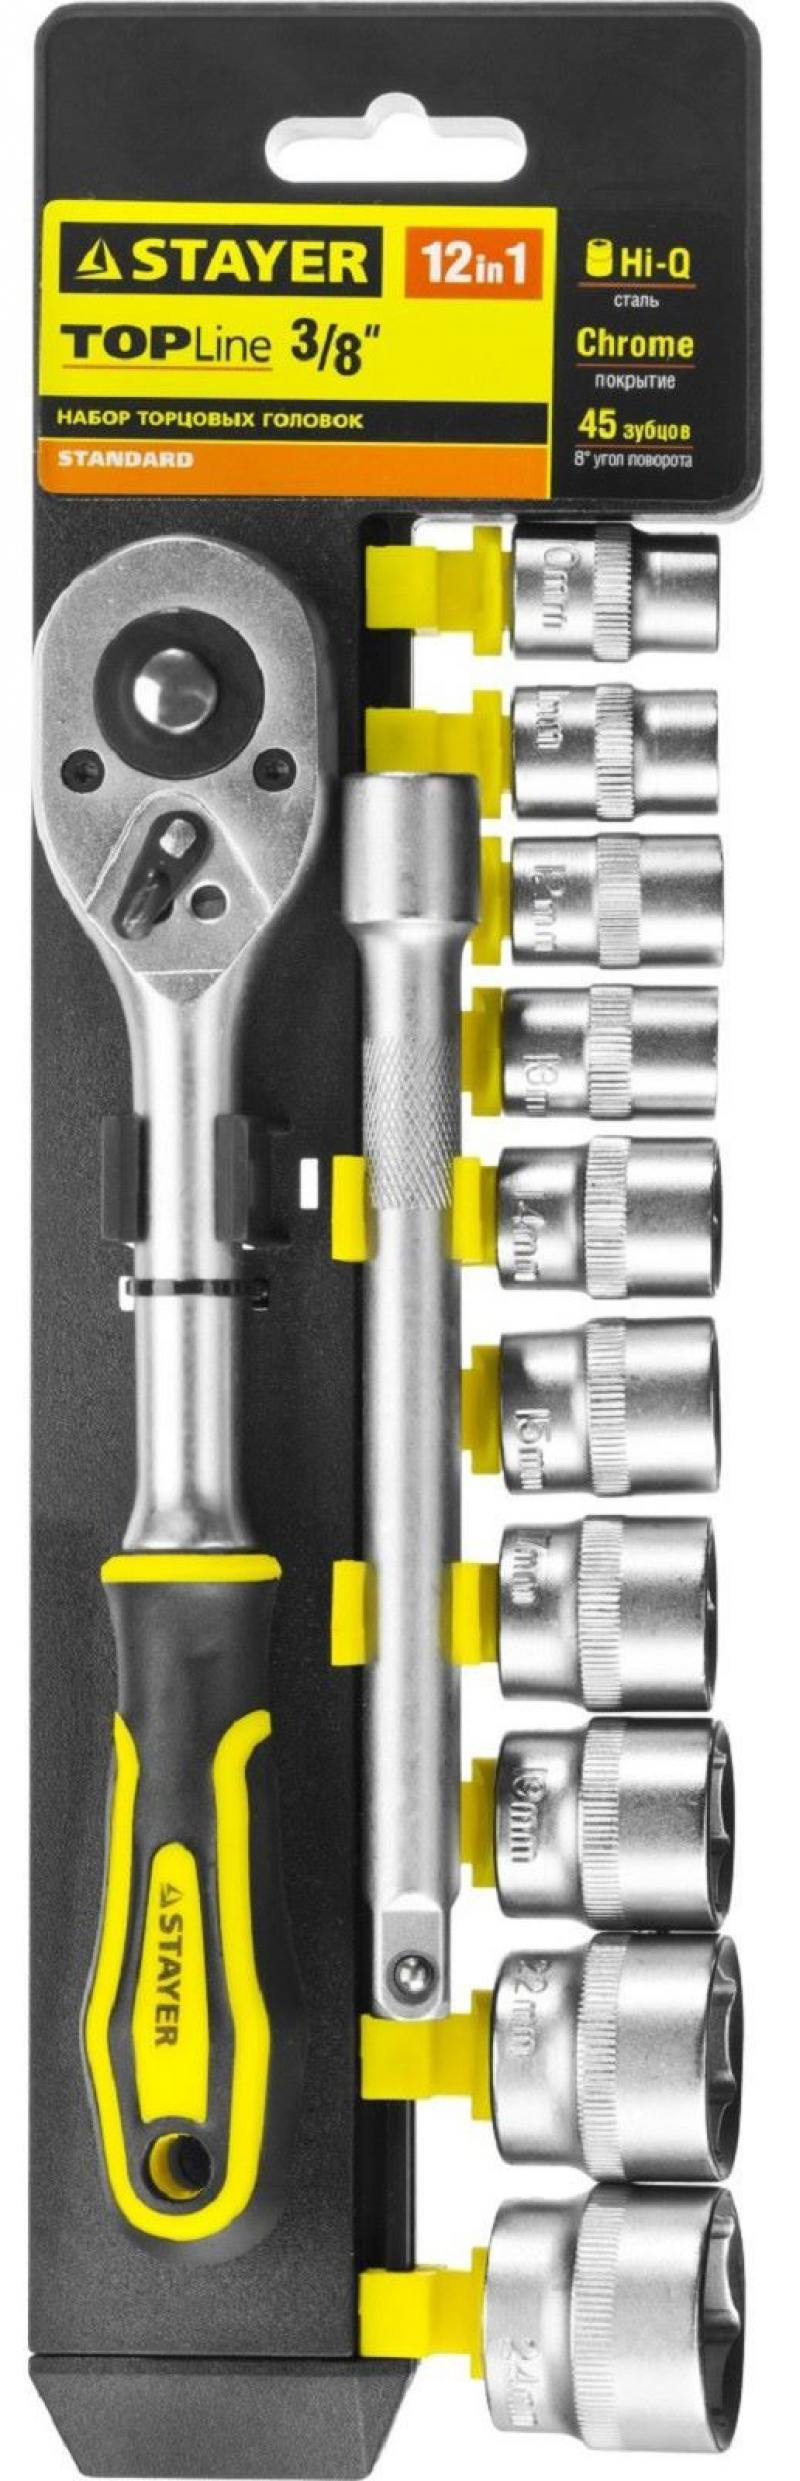 Набор торцовых головок Stayer Standard 12шт 27752-H12 набор торцовых головок inforce profline 94 предмета 06 01 10